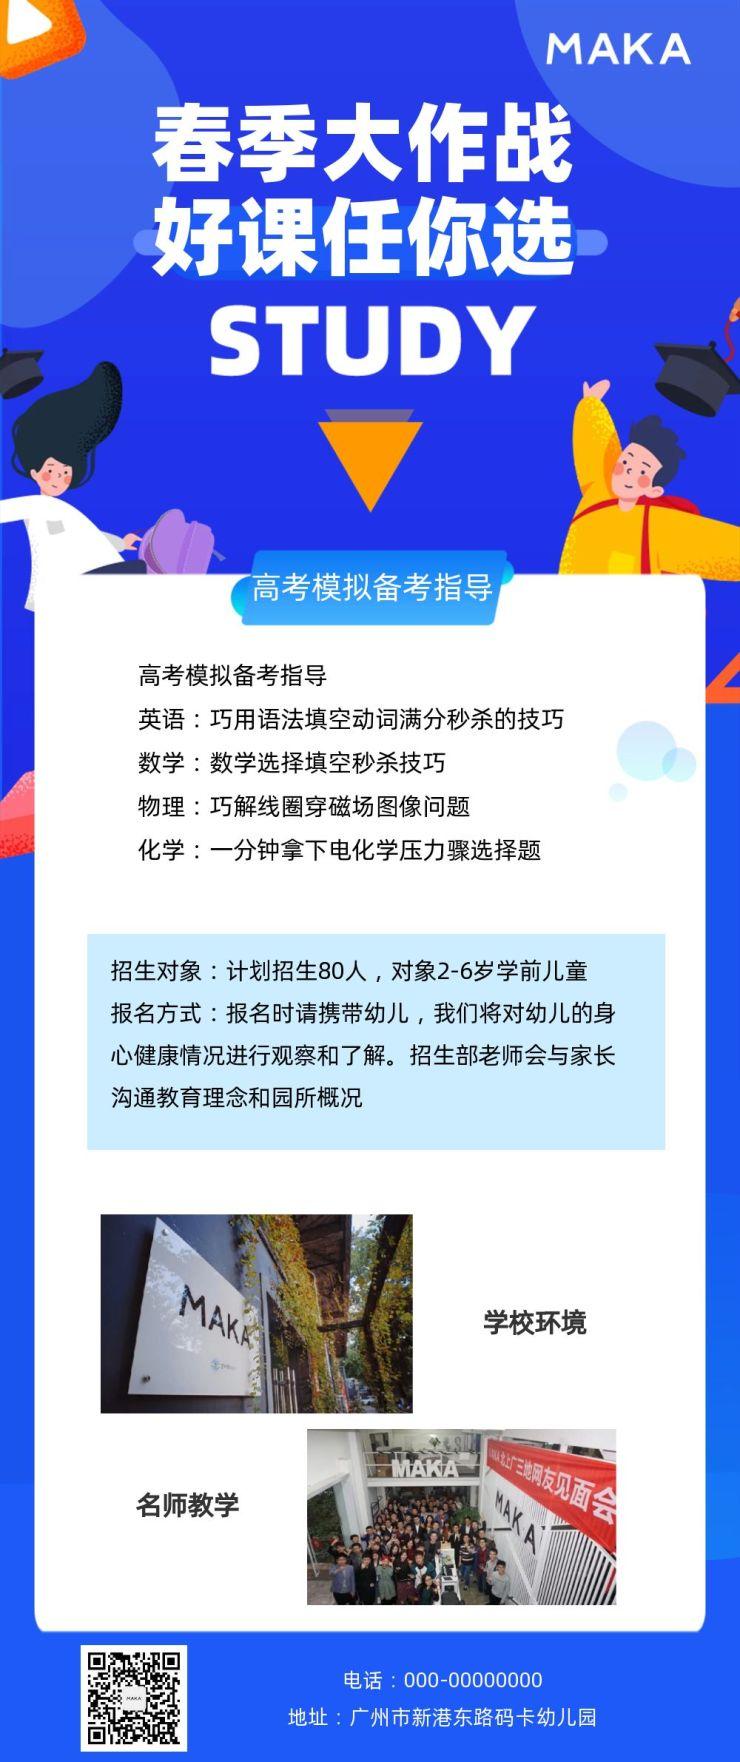 蓝色扁平春季招生幼儿园中小学辅导文章长图